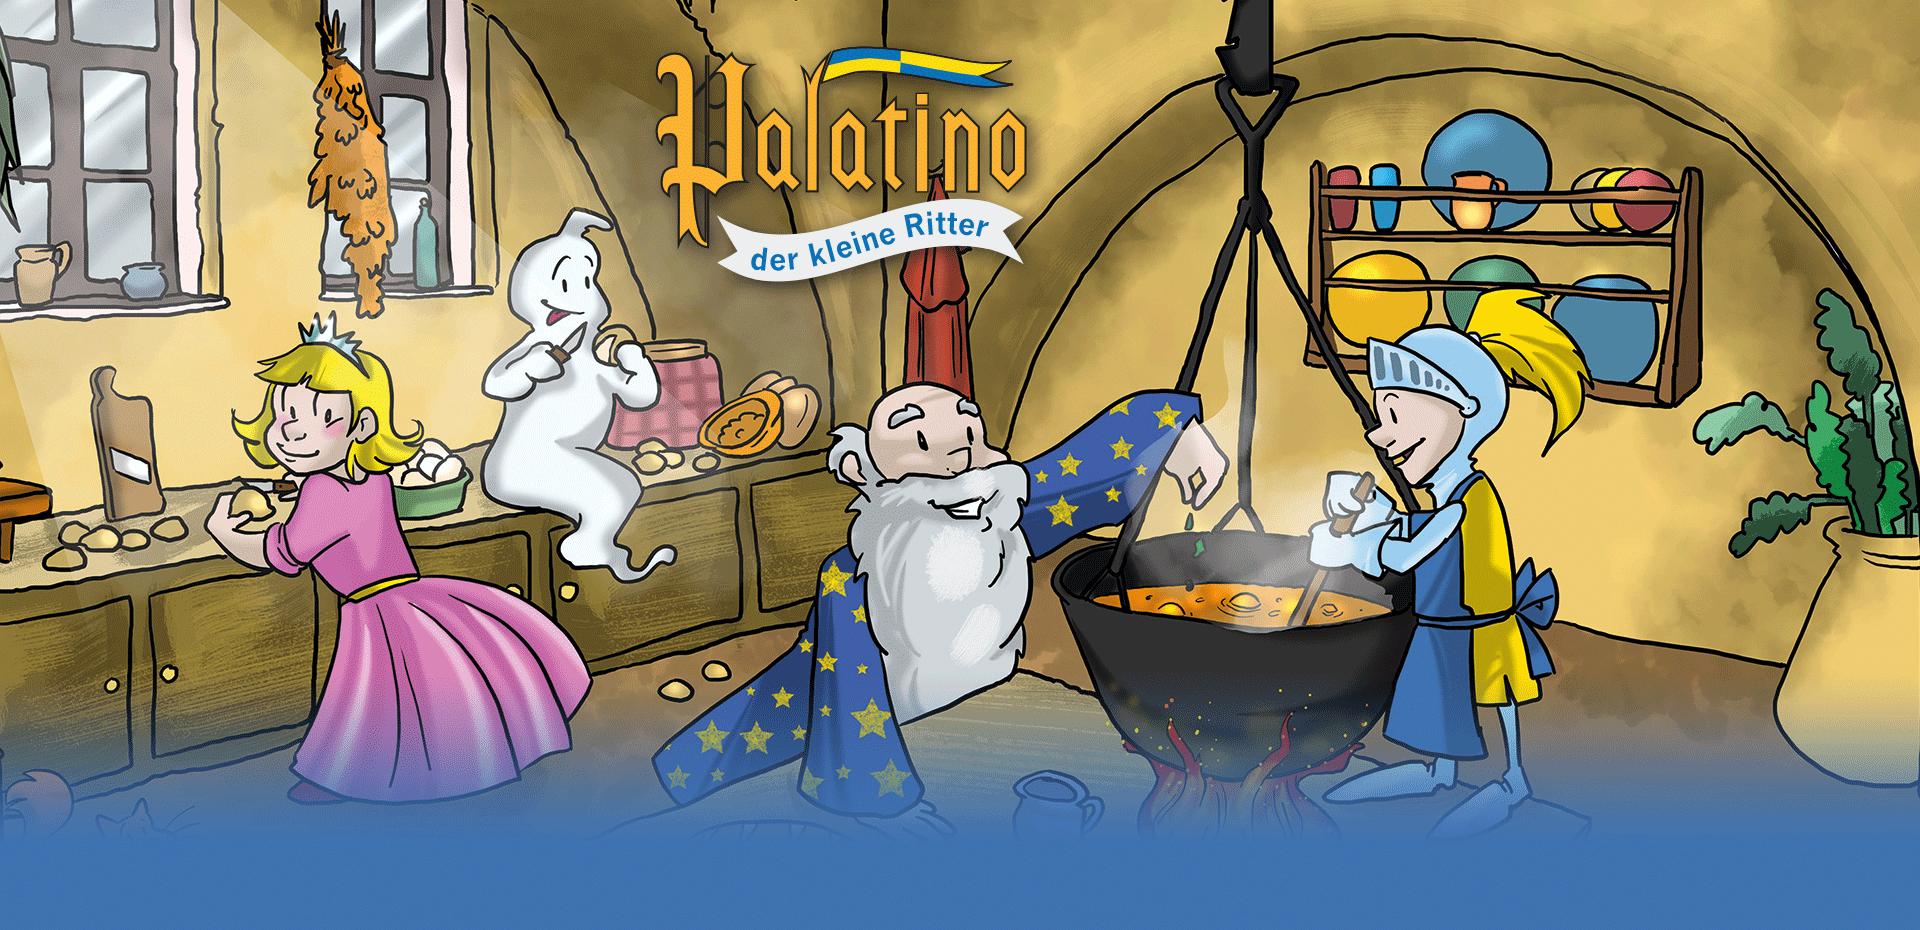 Palatino und seine Freunde beim Kochen